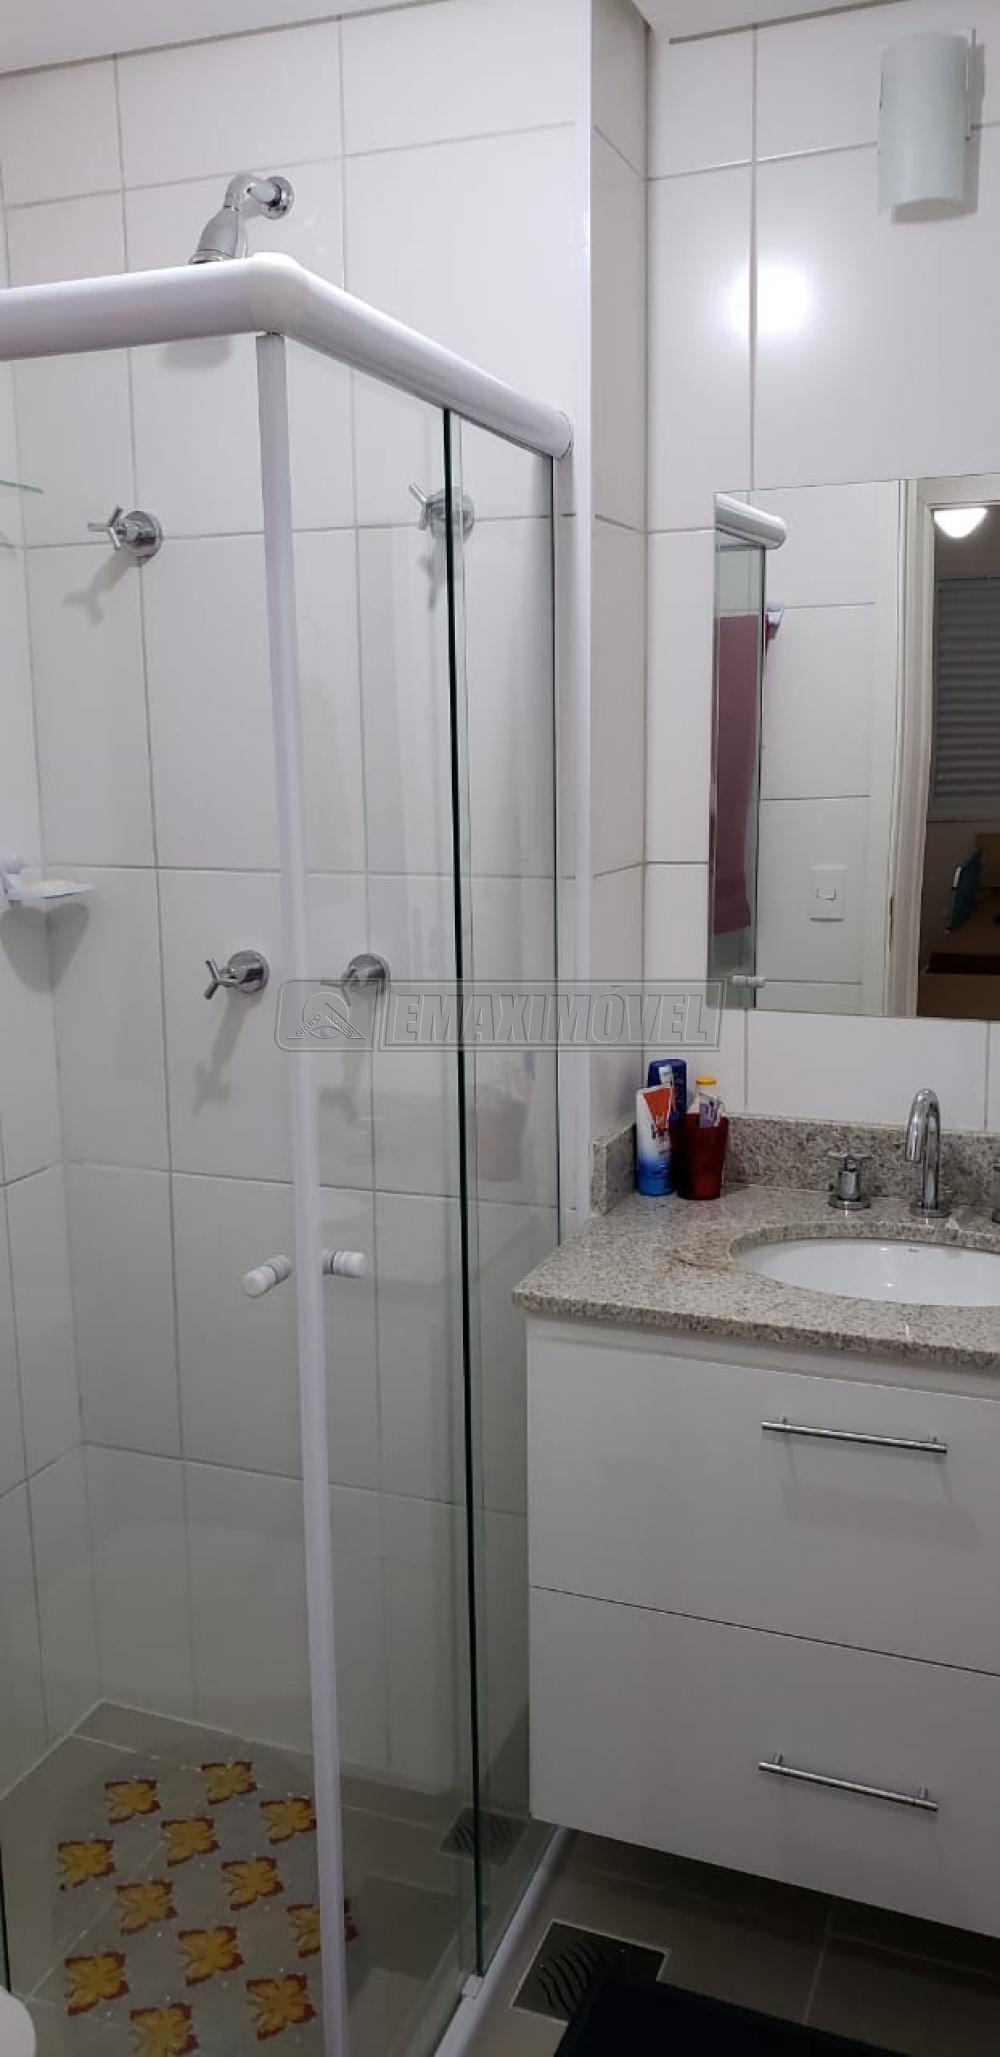 Comprar Apartamentos / Apto Padrão em Sorocaba apenas R$ 550.000,00 - Foto 7